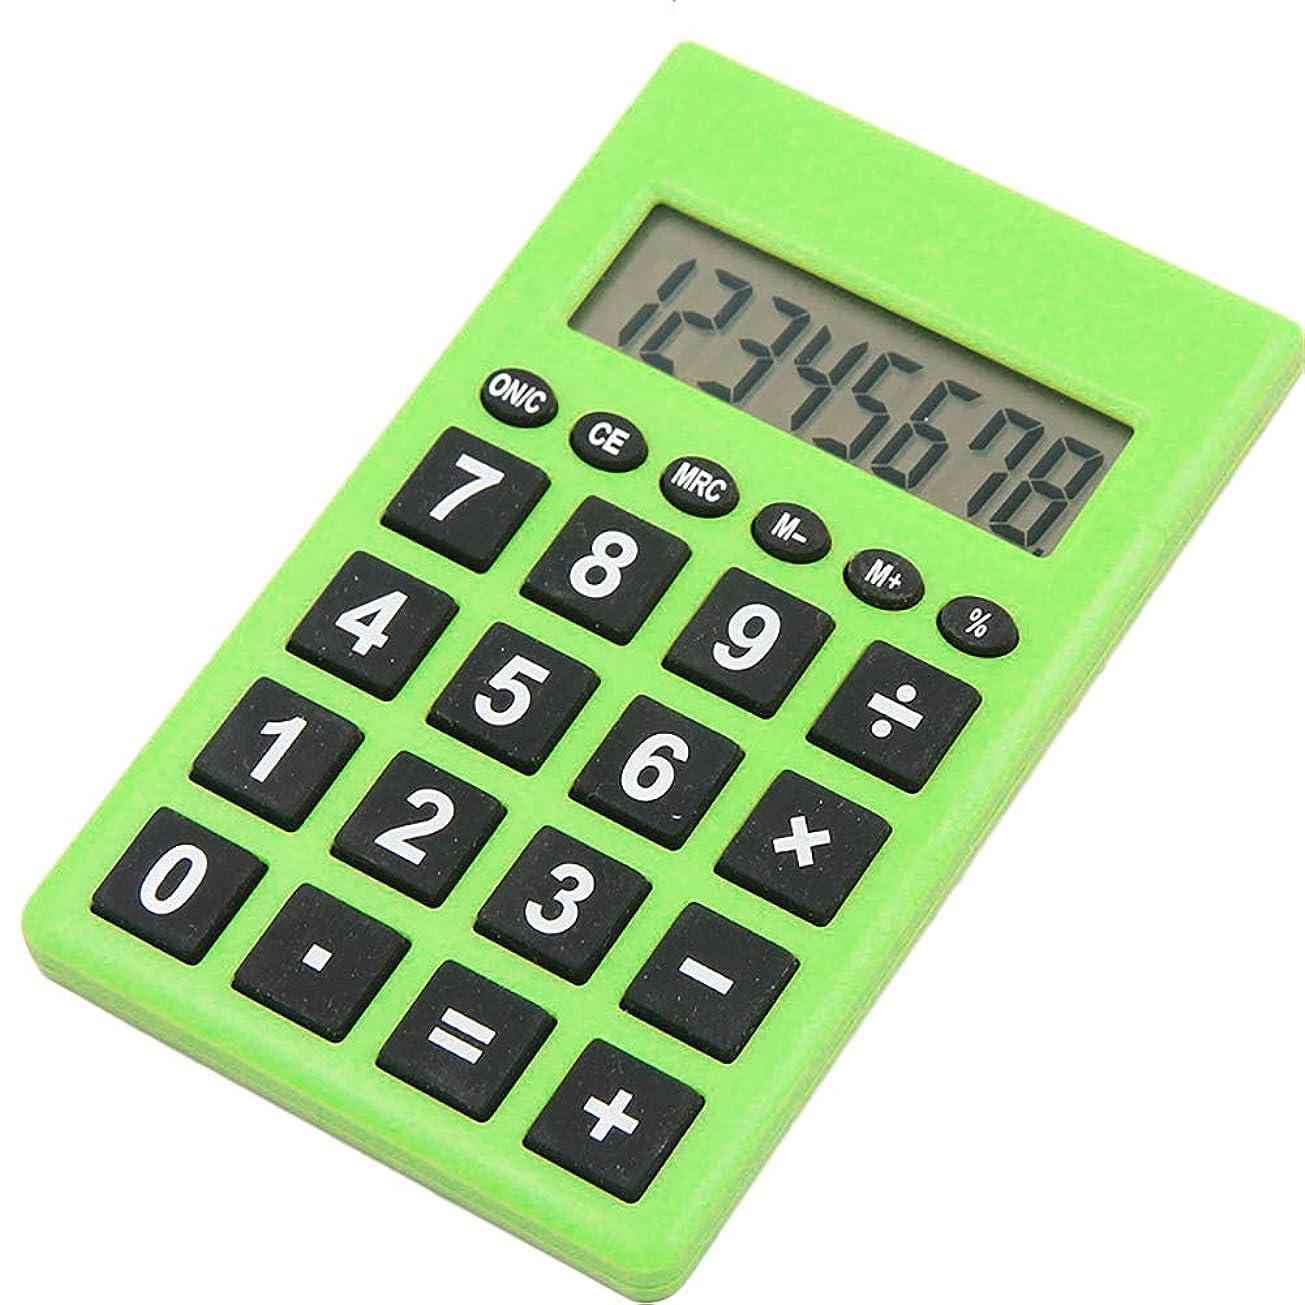 マニフェスト完璧な収まるbjduck99 8桁ポケット ミニ電子計算機 学校 学生 オフィス 文房具 ギフトに